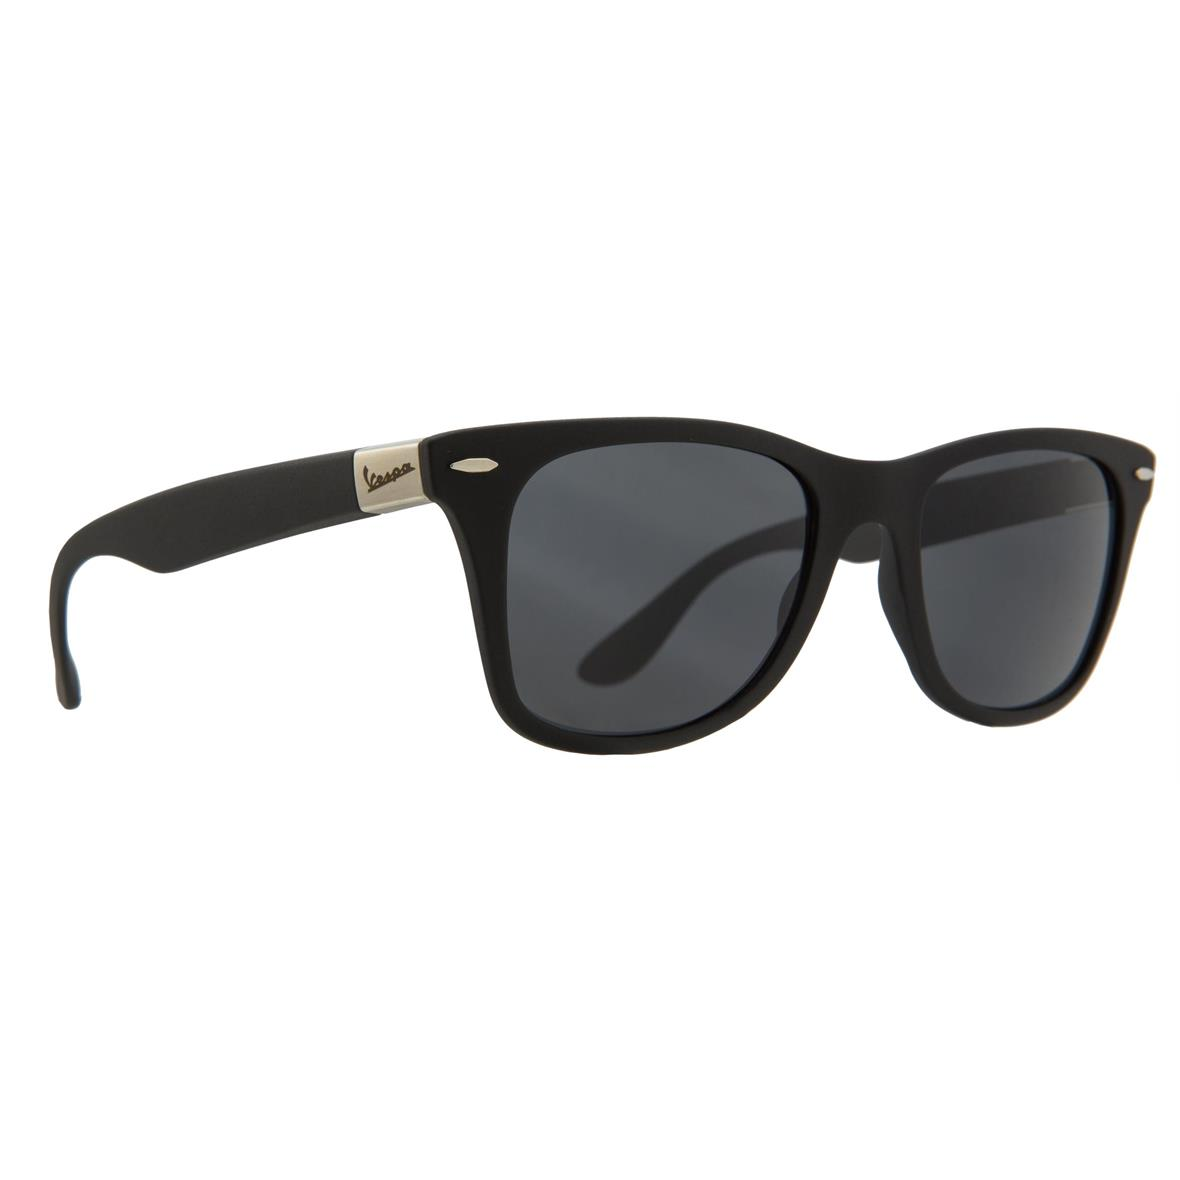 """Product Image for 'Sunglasses PIAGGIO Vespa """"Classic""""Title'"""